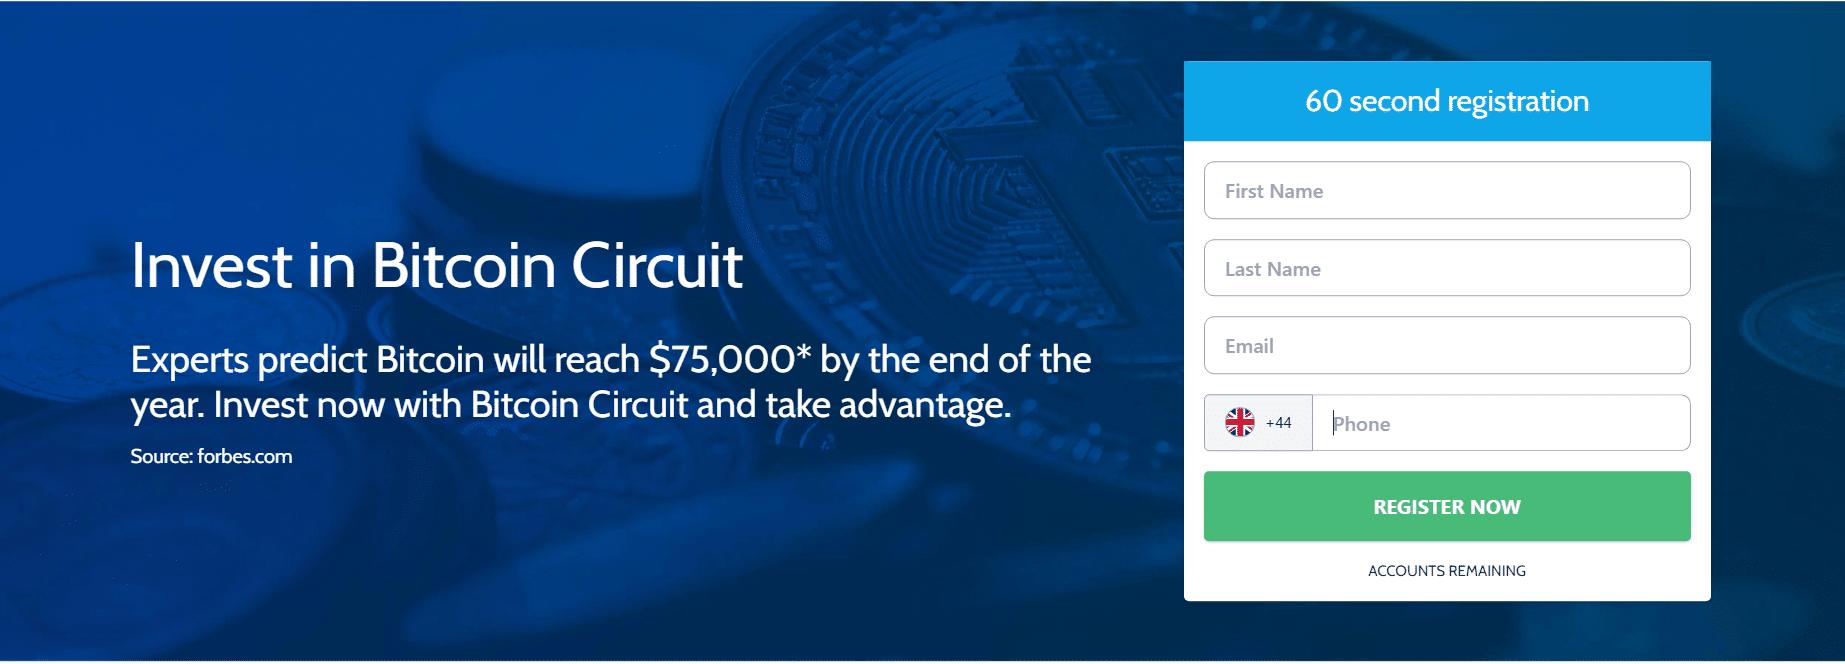 Mining di bitcoin per principianti: 150 euro in 4 giorni, sogno o realtà?